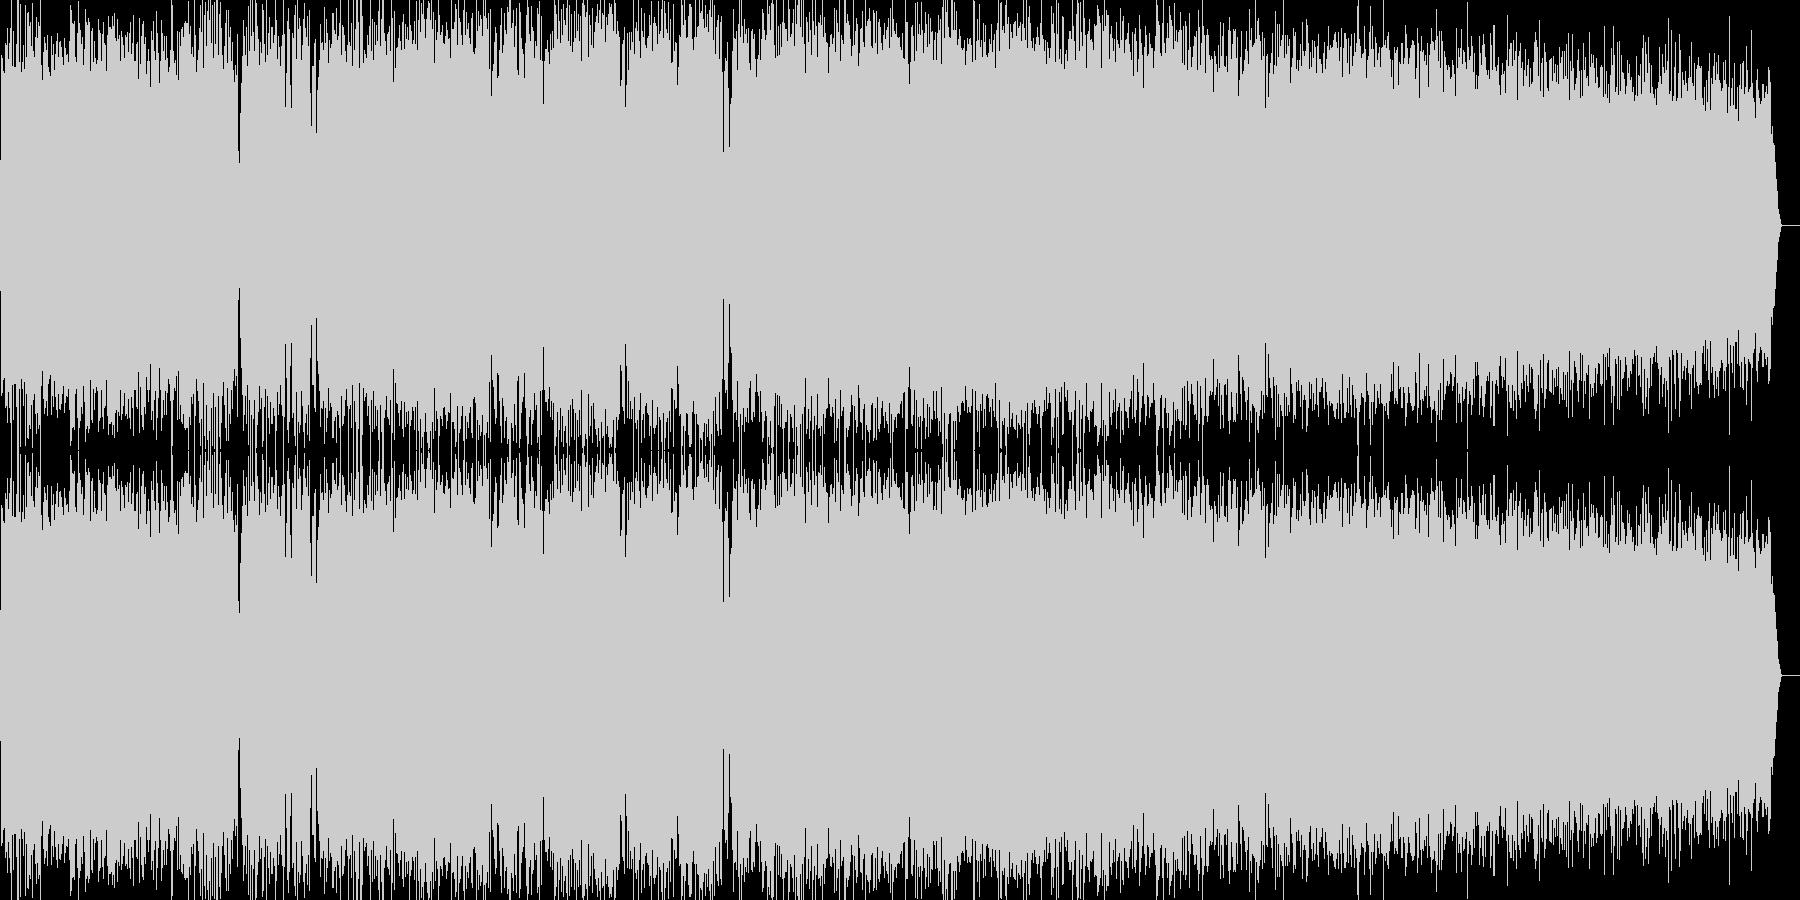 エネルギー暴走風ビーム音の未再生の波形